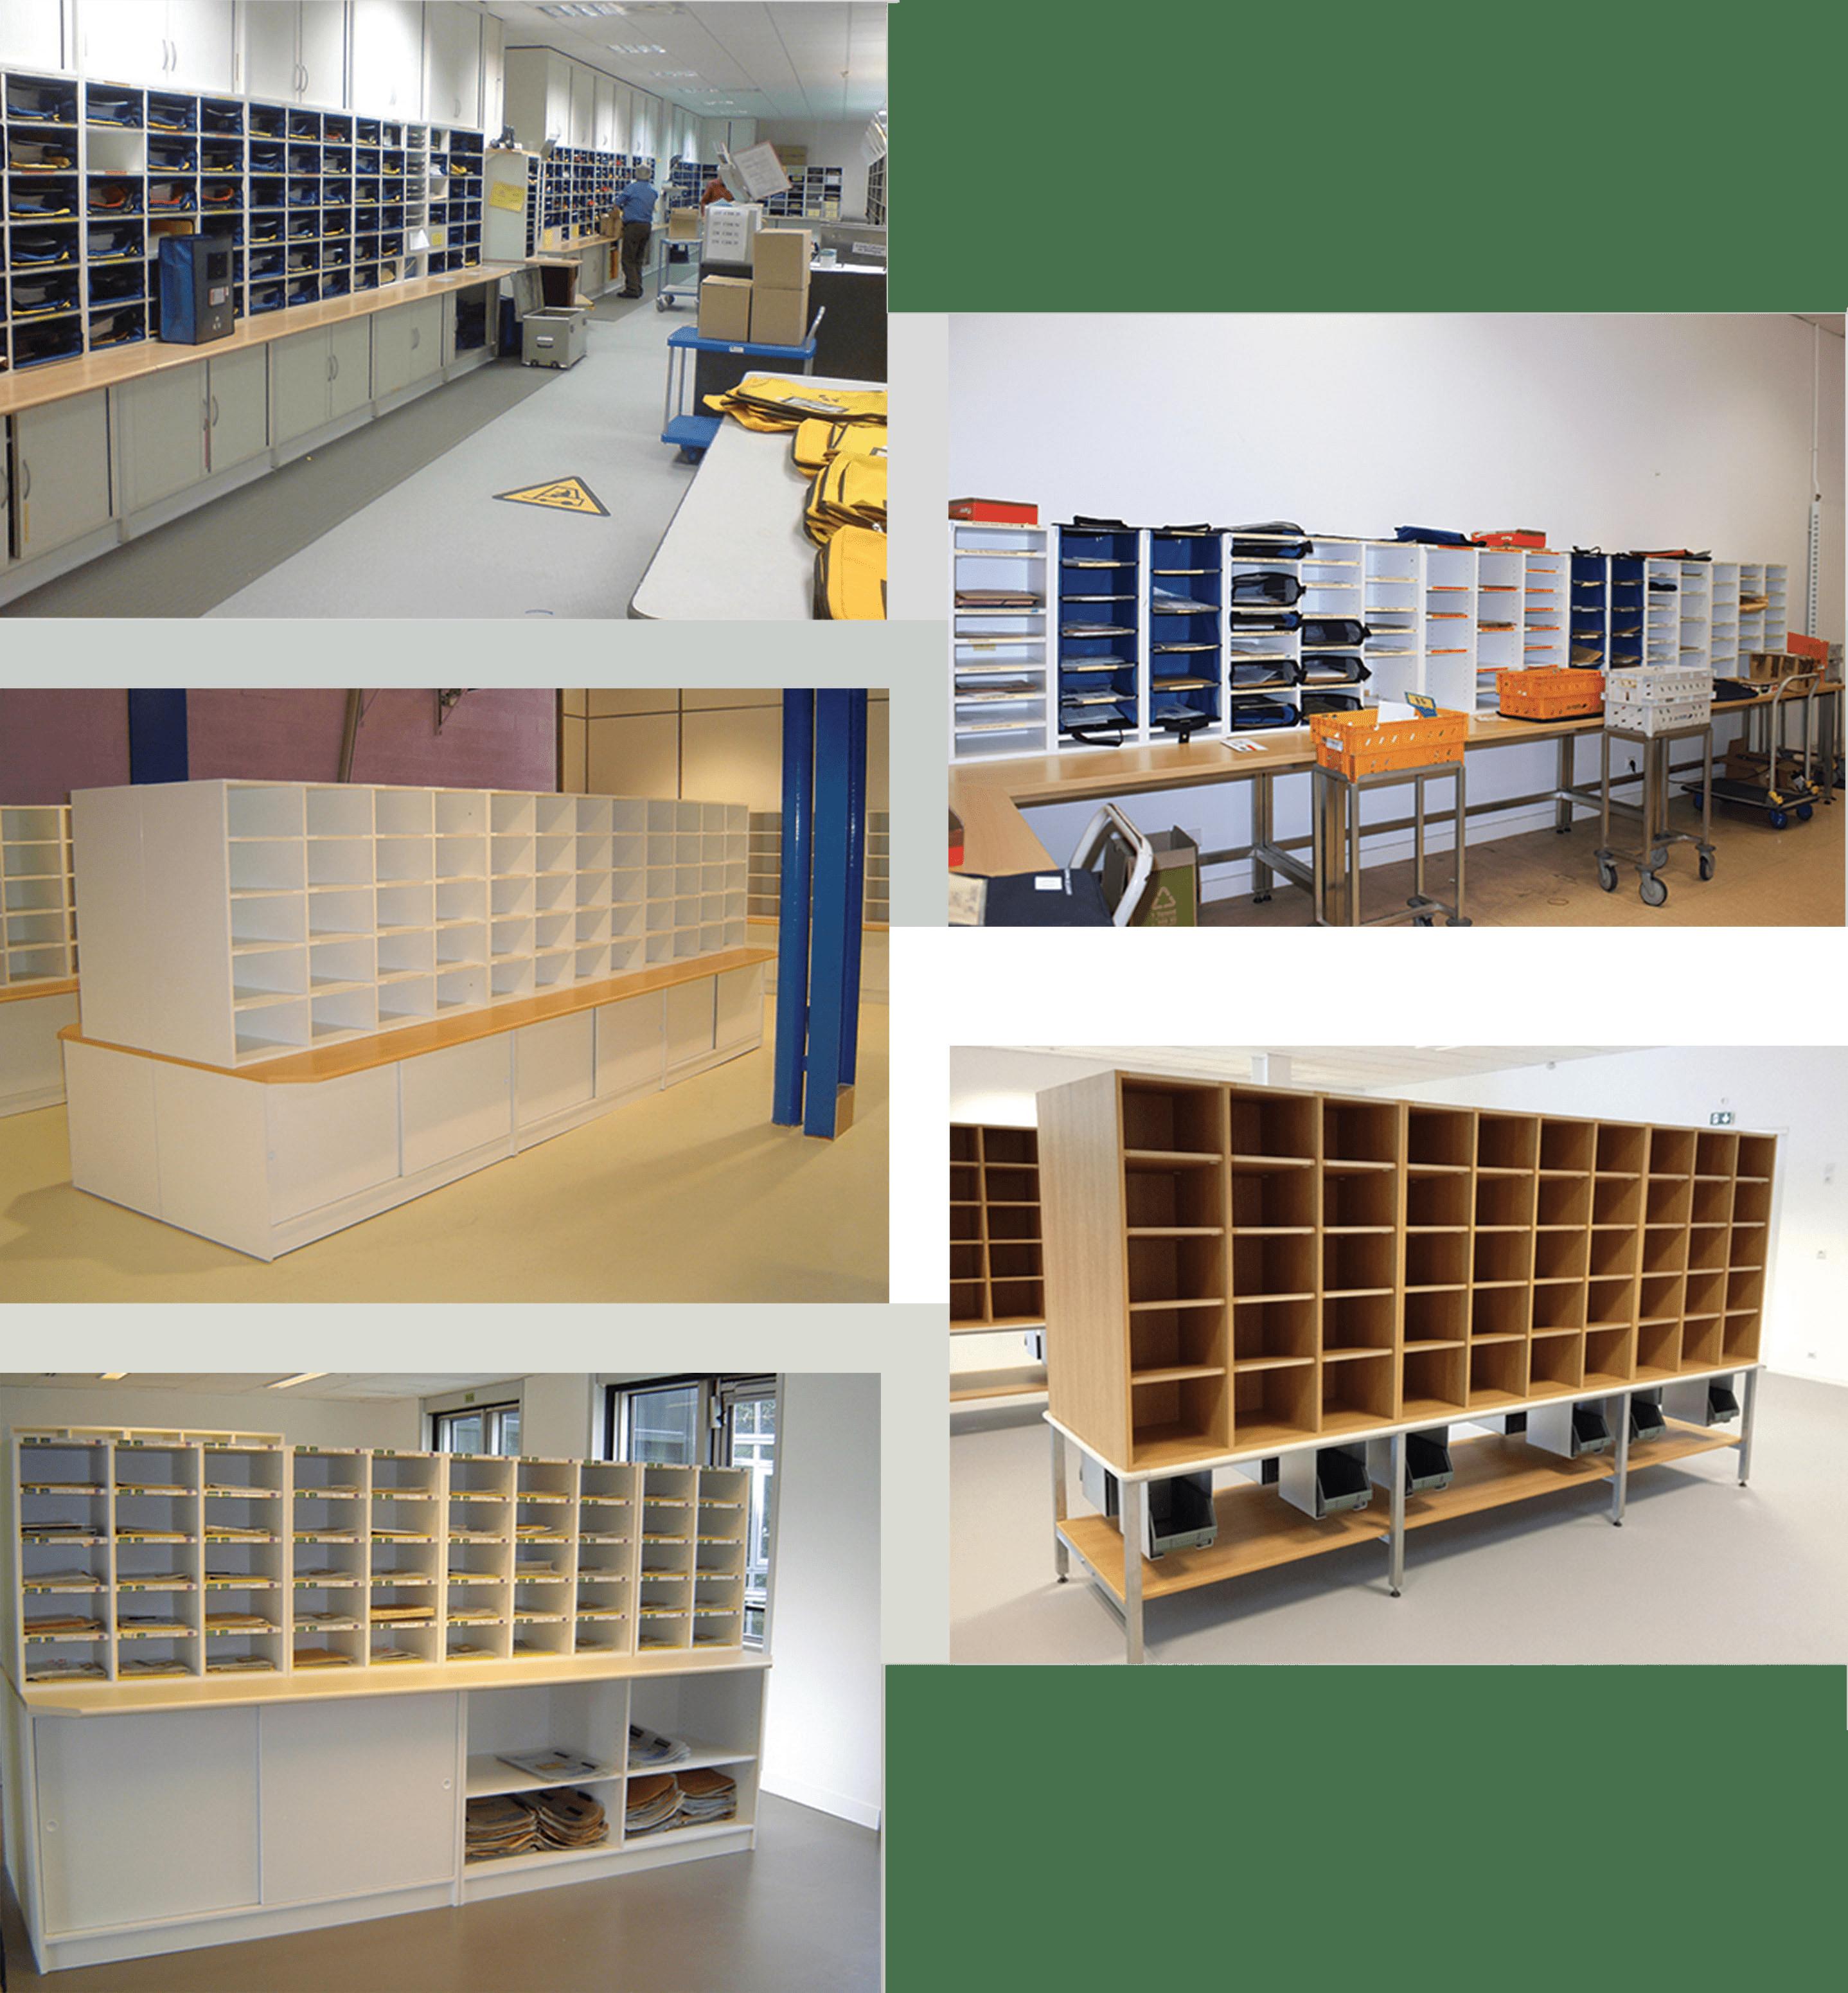 Plan de travail fin gallery of meuble cuisine fin de for Ou acheter plan de travail cuisine